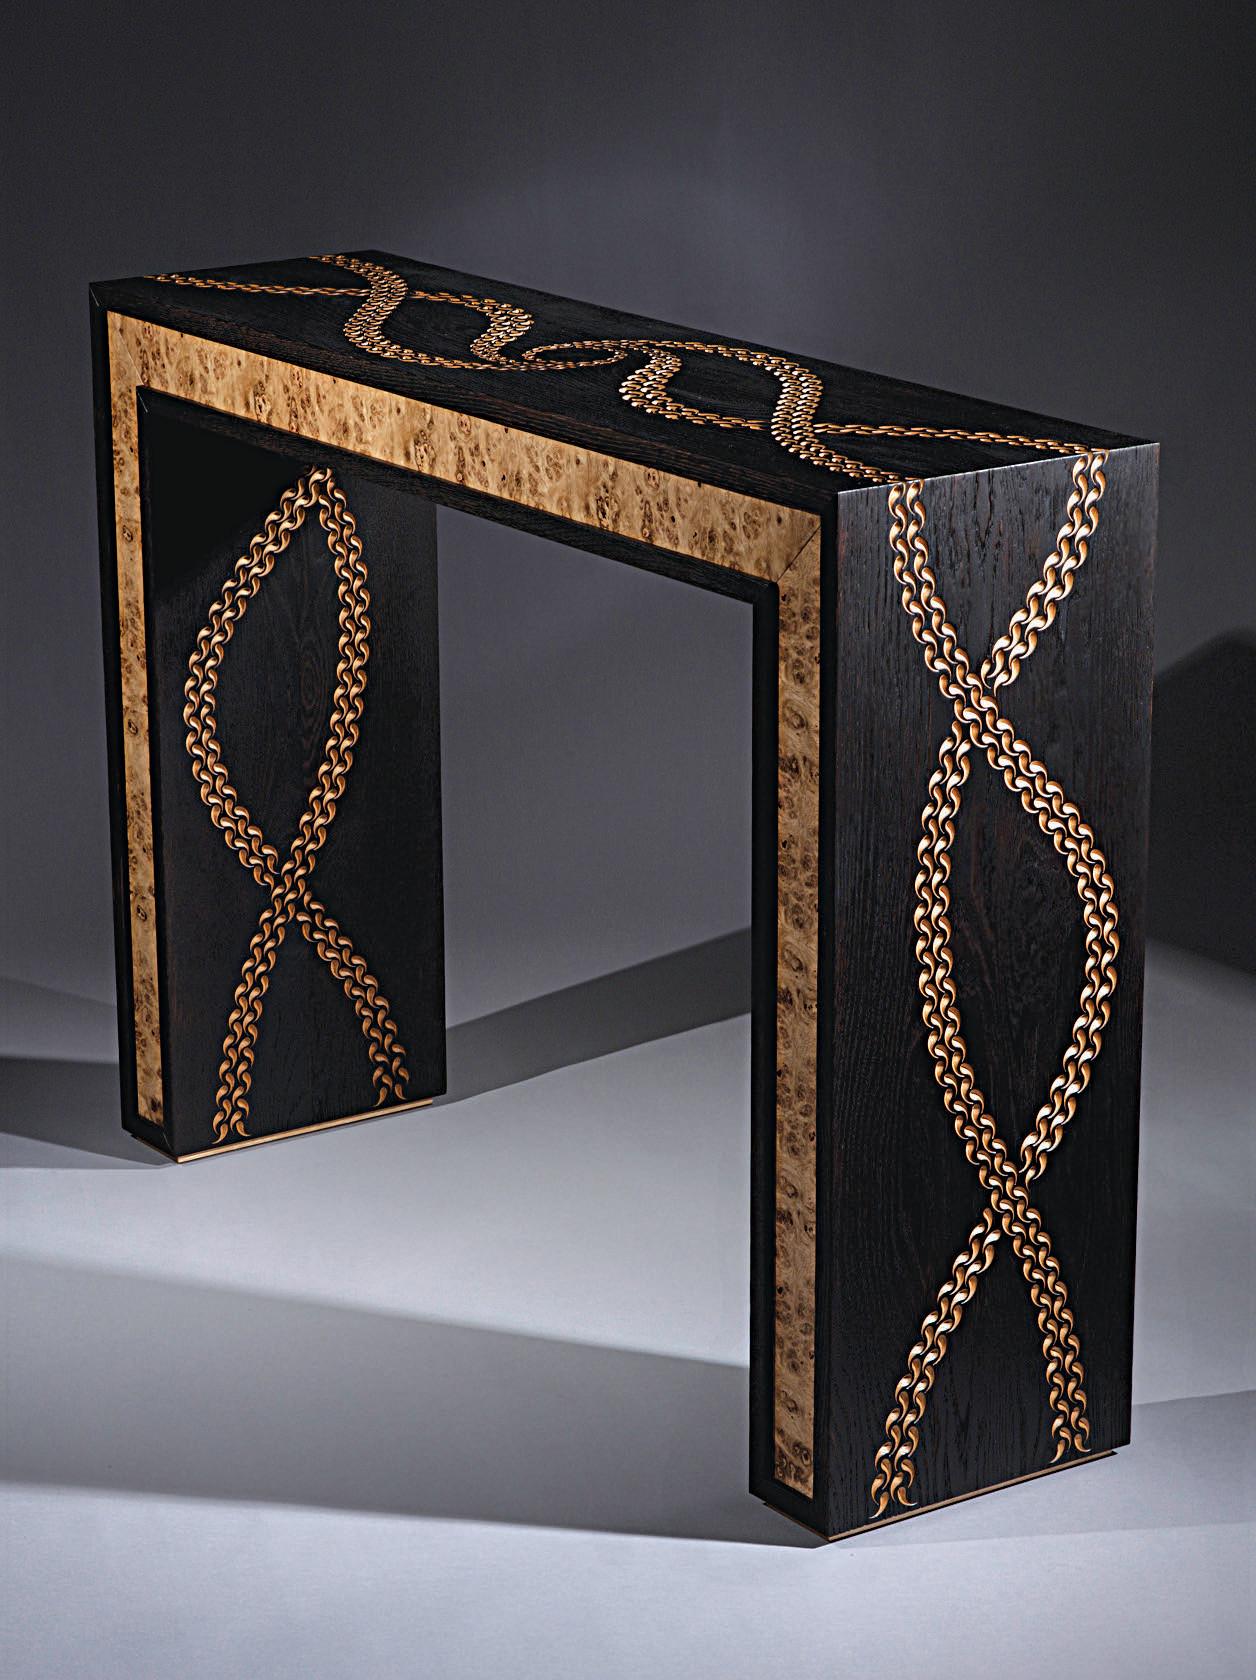 D corer un meuble avec les techniques du bois br l et de la sculpture l 39 atelier bois - Decorer un meuble ...